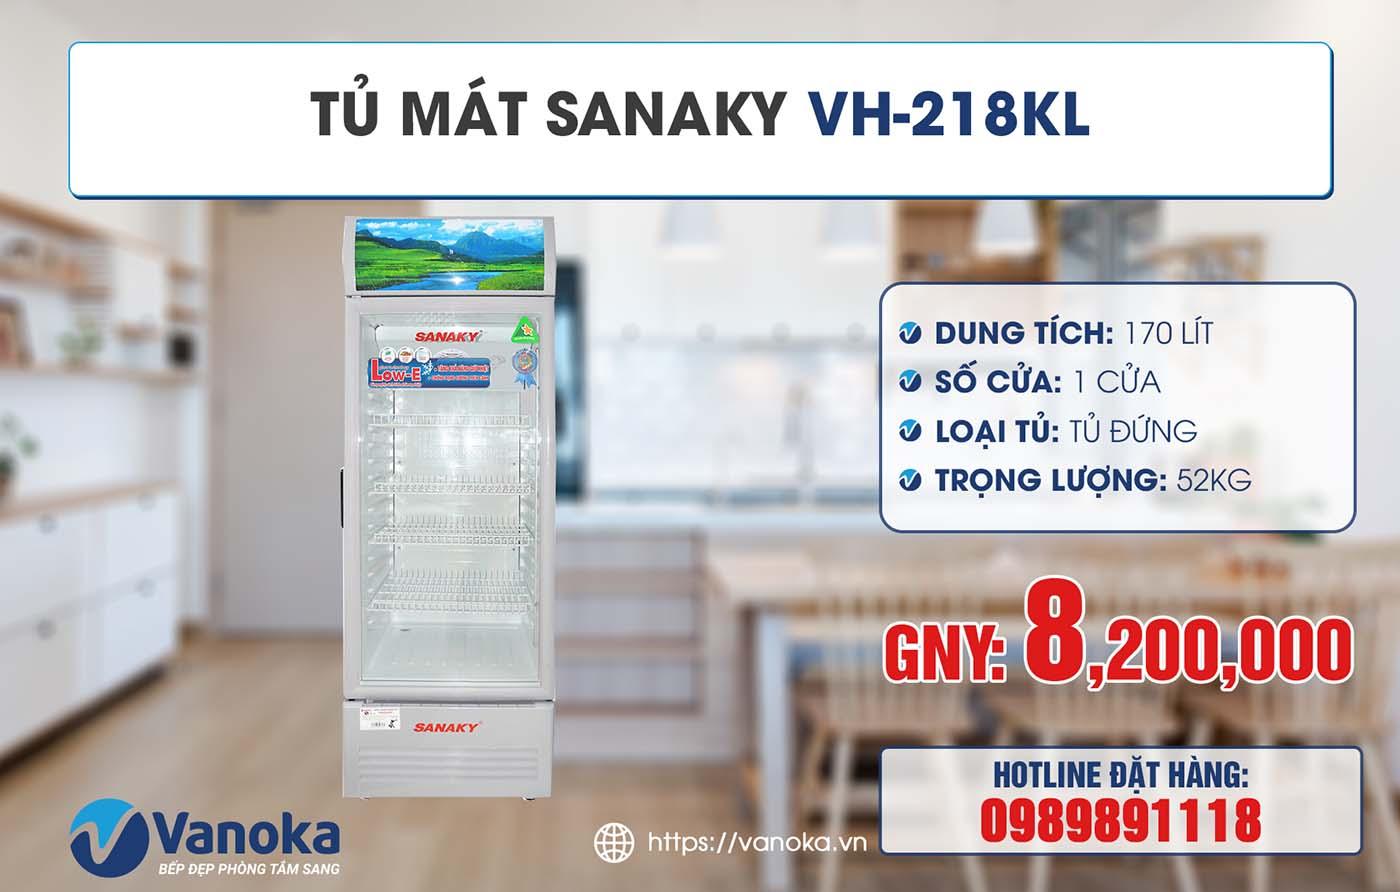 tu-mat-sanaky-VH-218KL